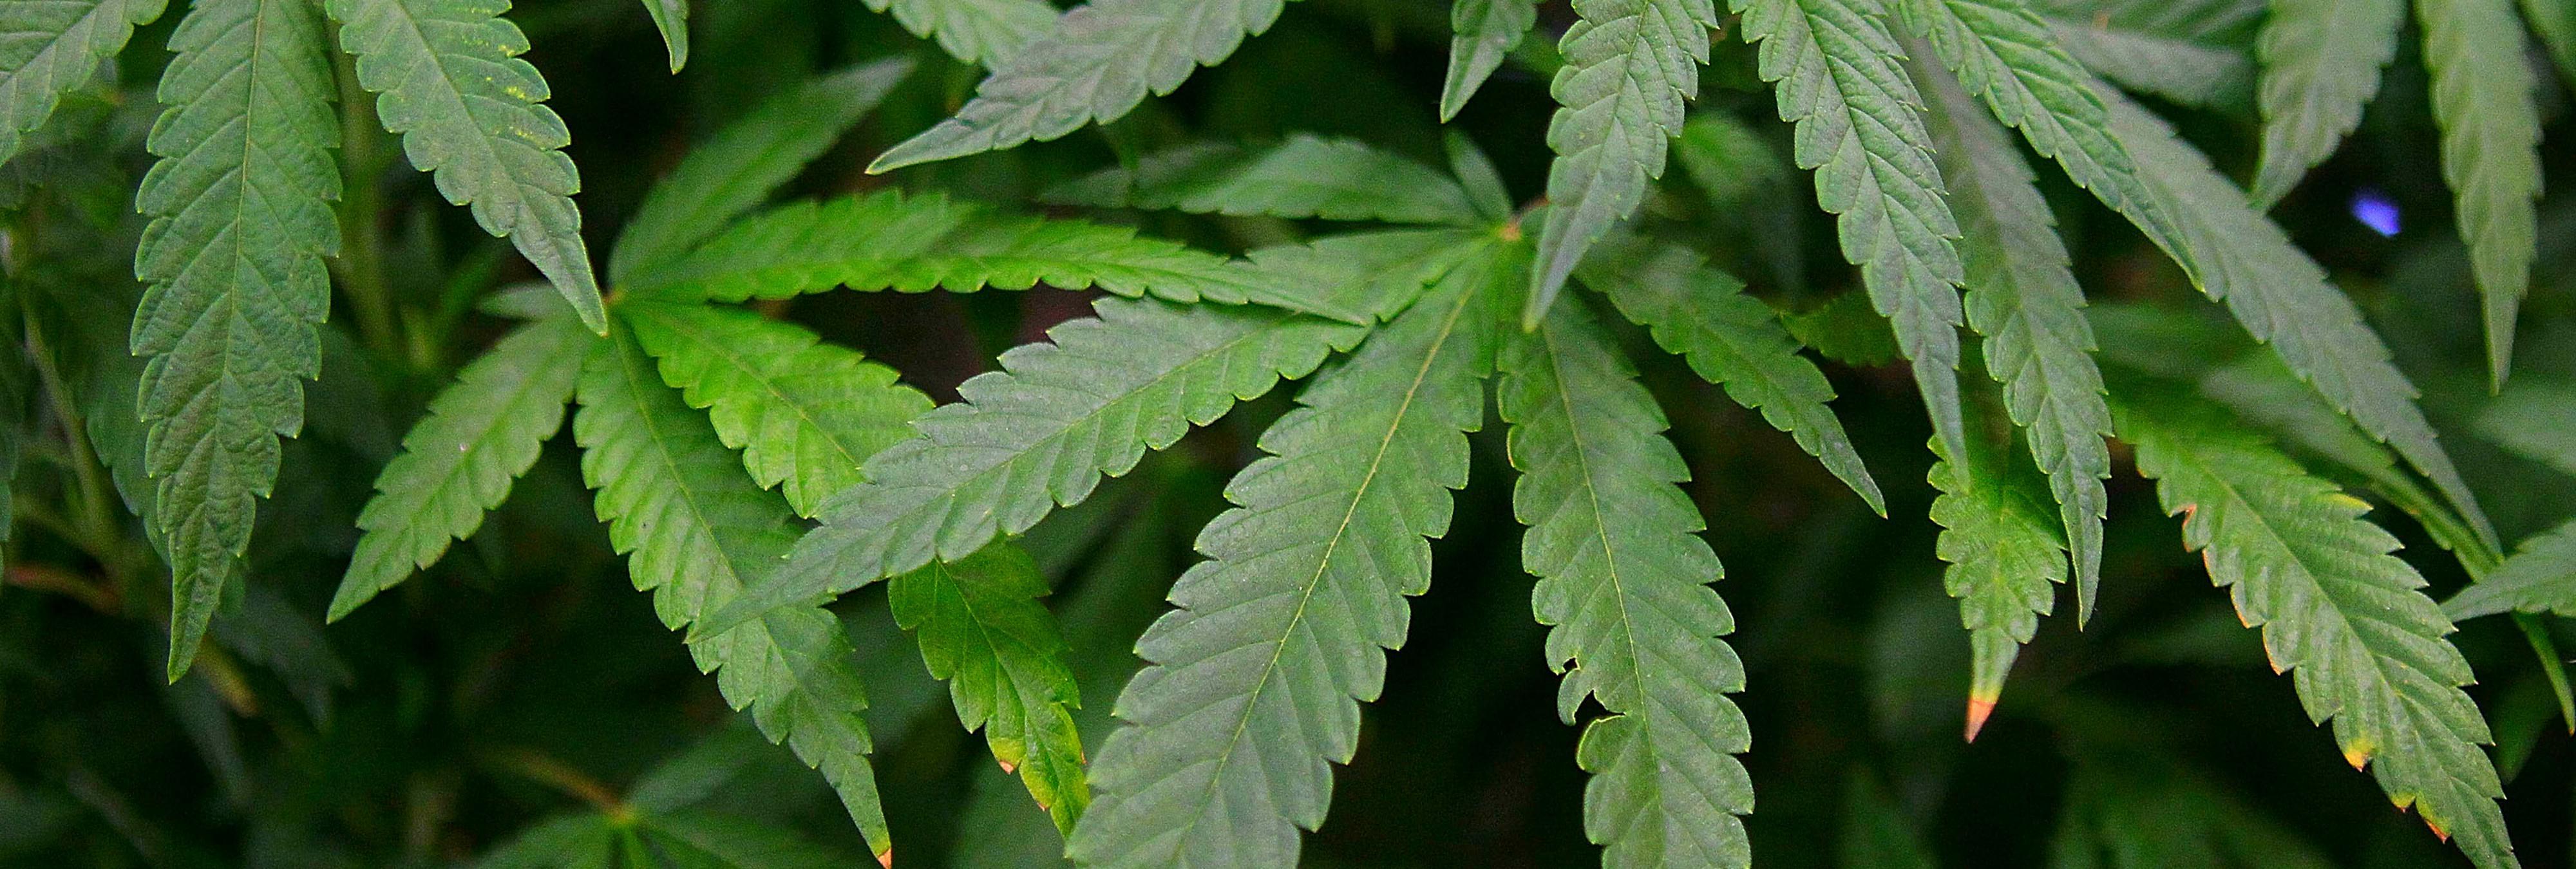 Alemania legalizará la marihuana (terapéutica) en 2017. ¿Y España?